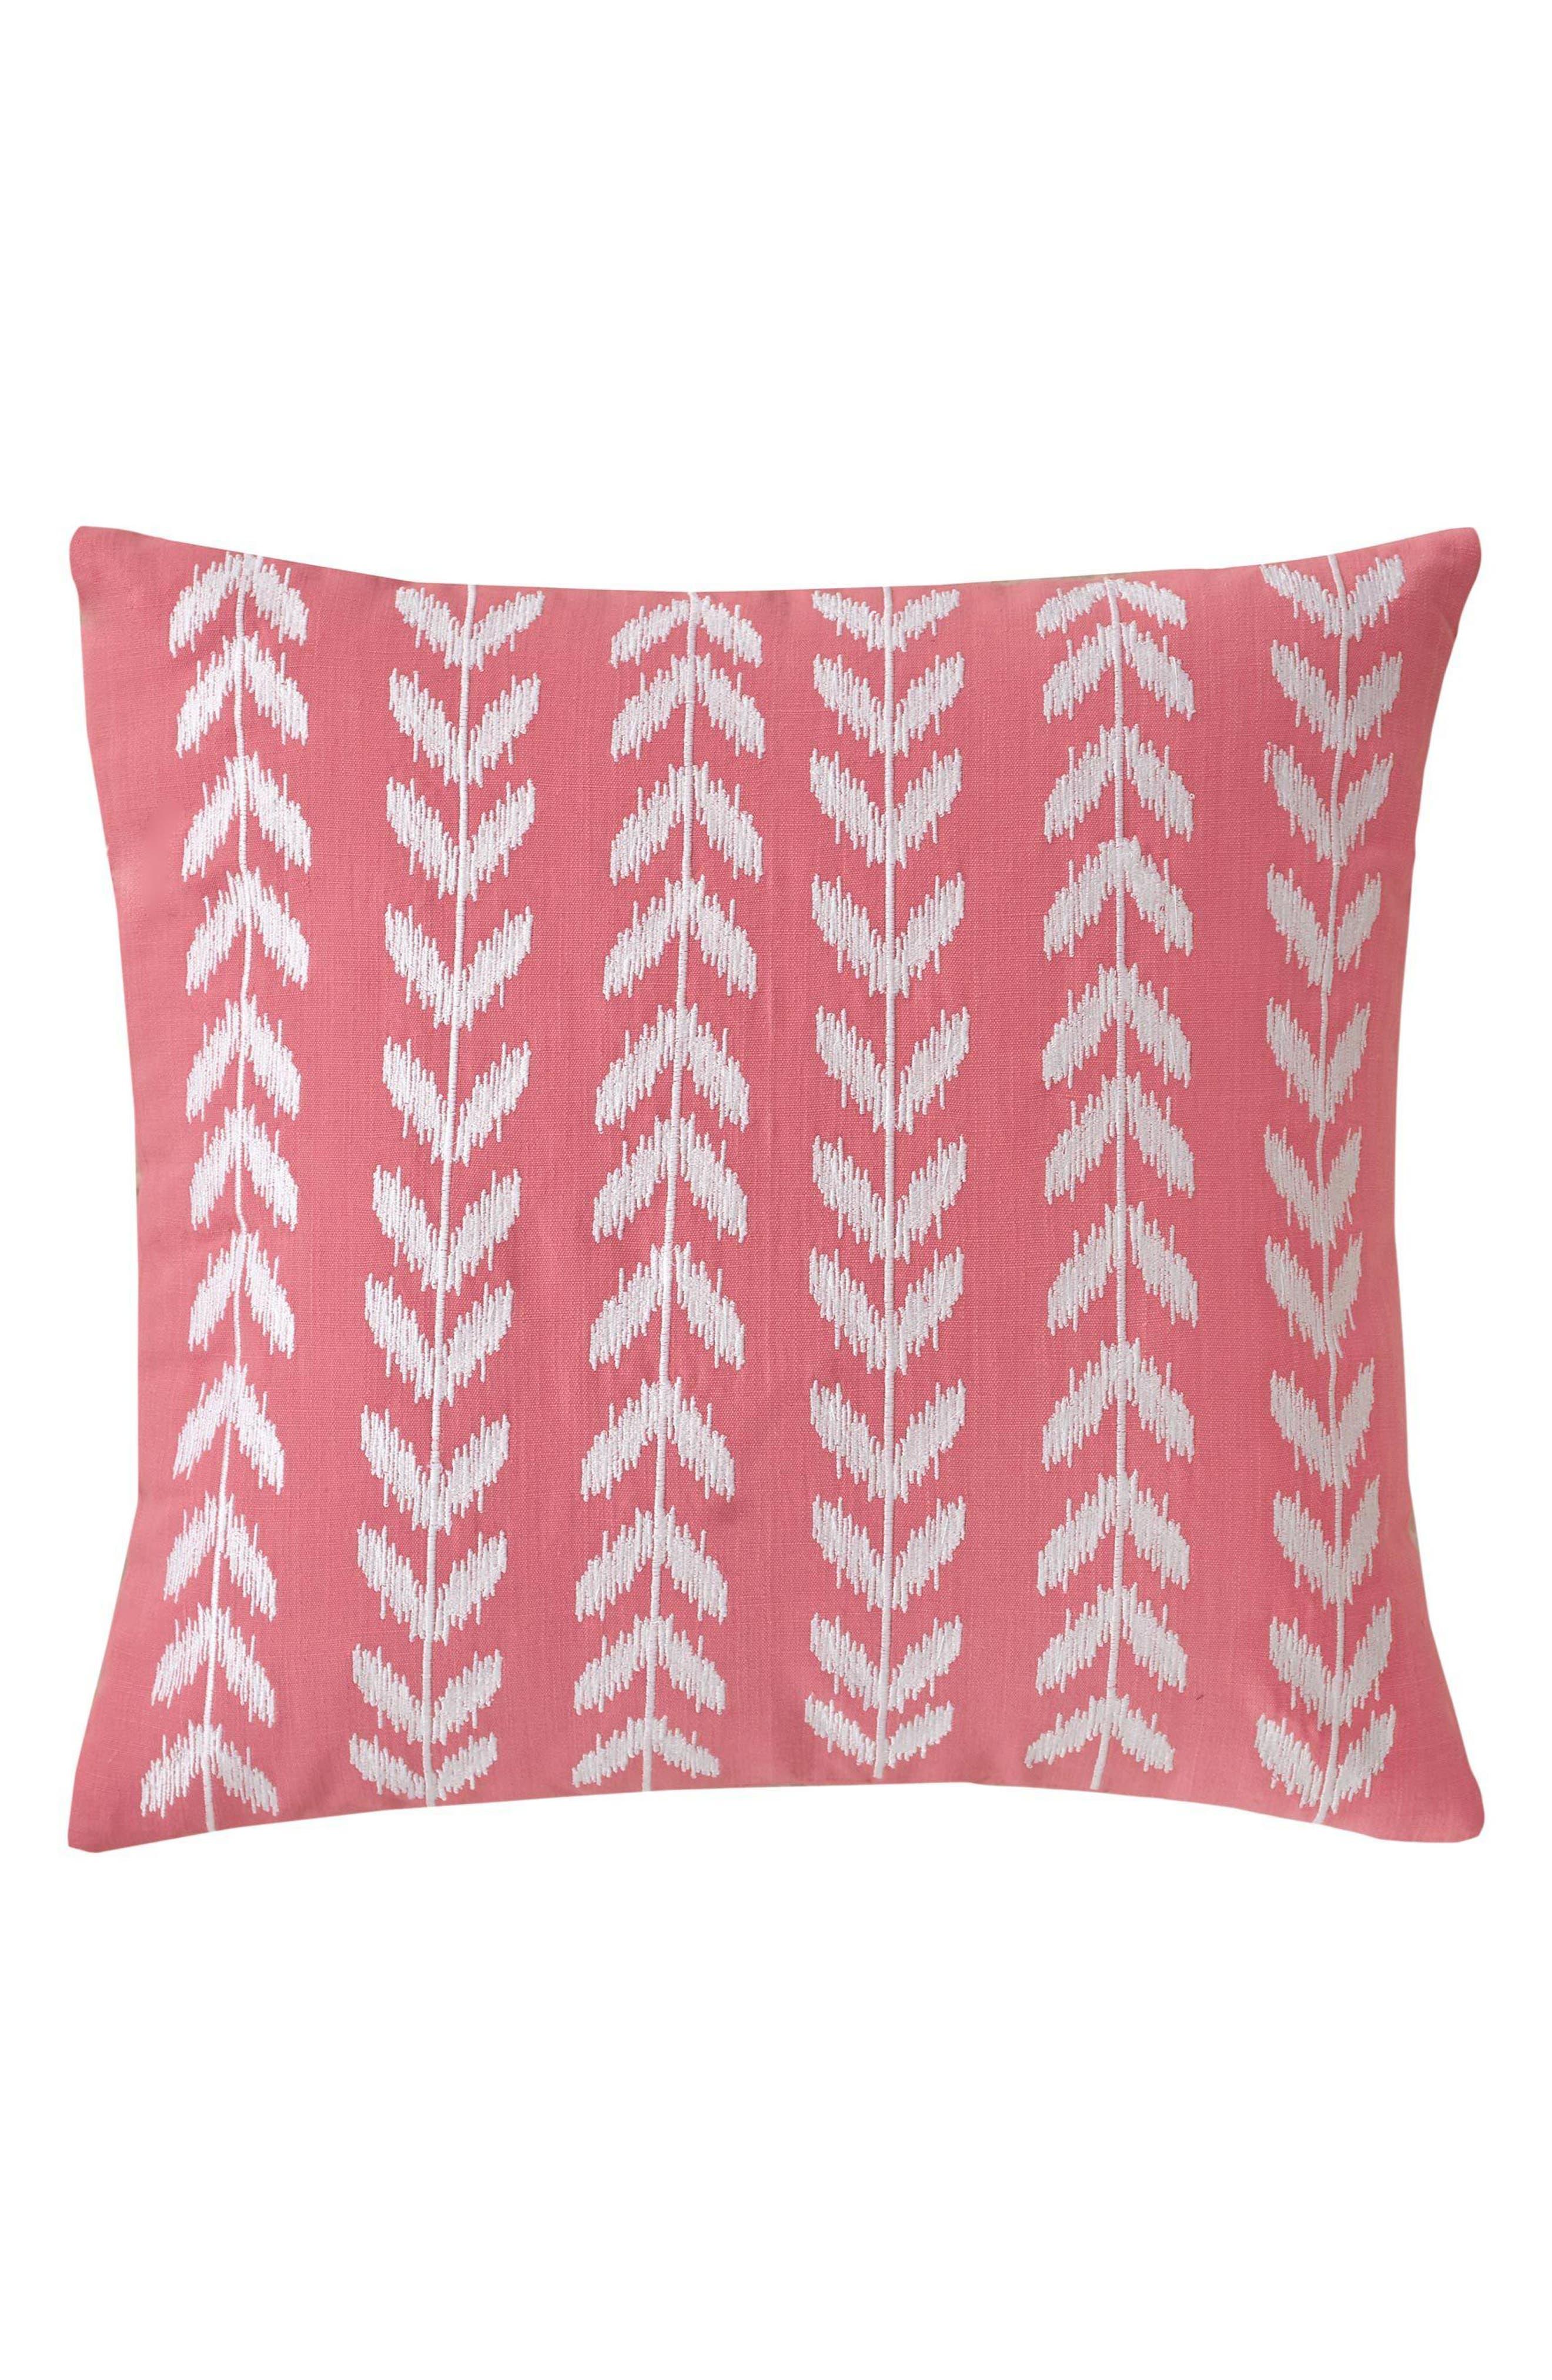 Coastal Ikat Heart Deco Accent Pillow,                         Main,                         color, SUGAR CORAL